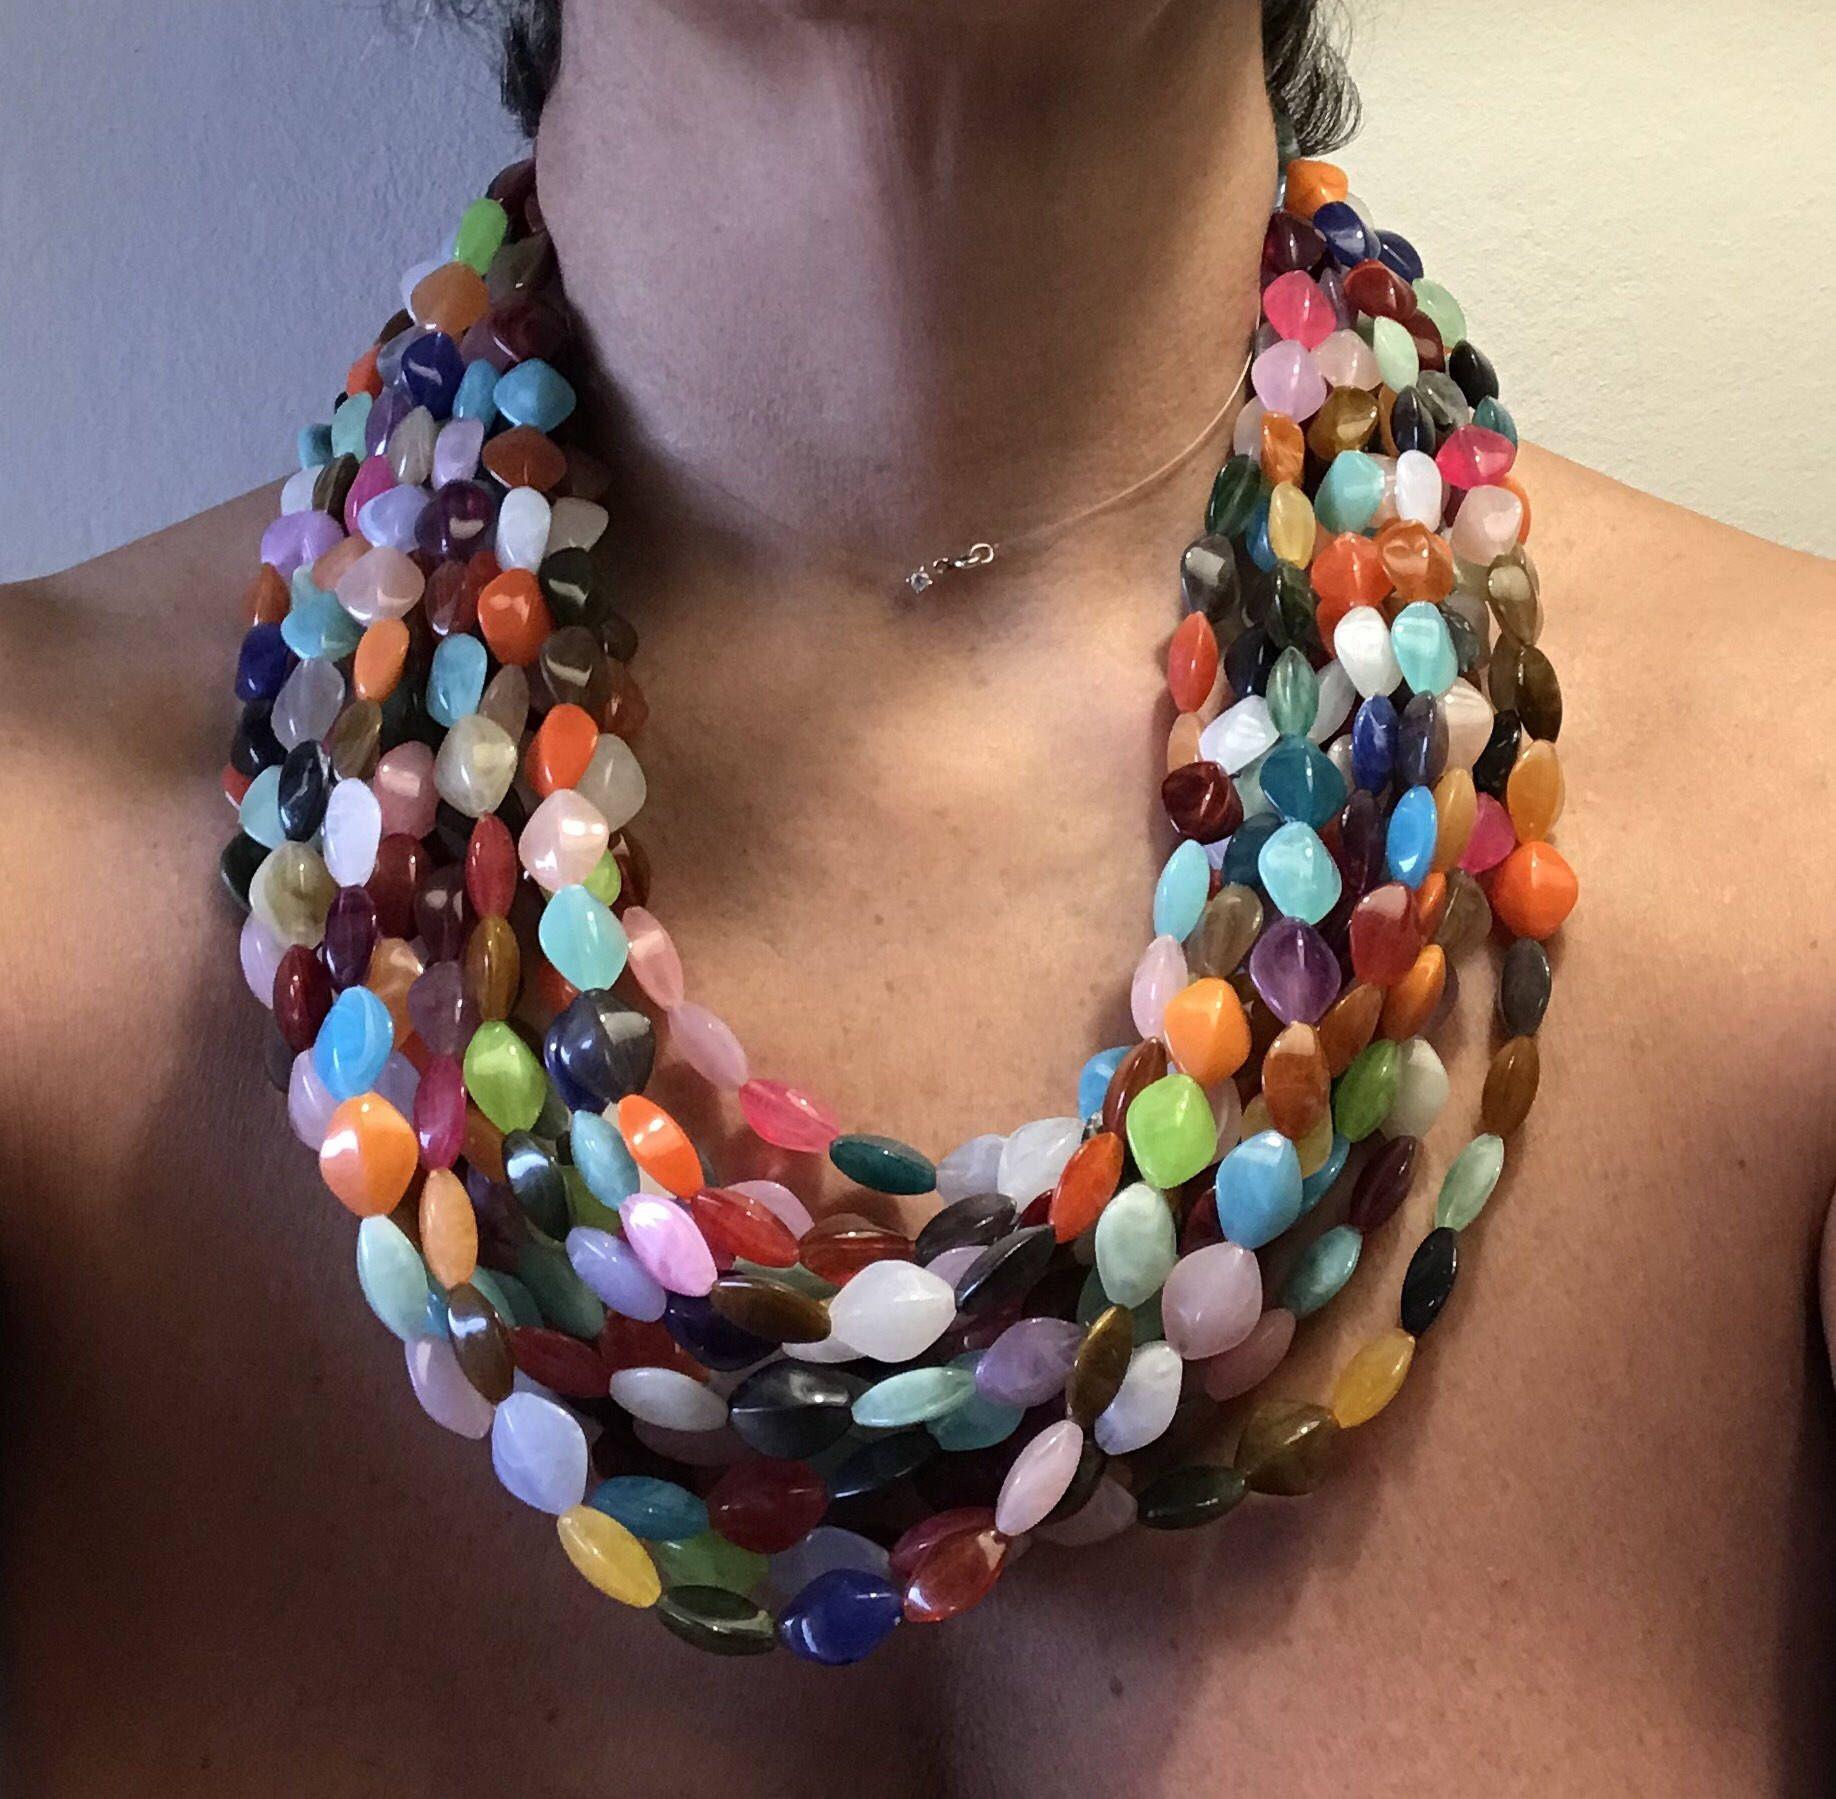 rivenditore di vendita a4d59 2f627 Collana piccoli sassi colorati, collana colorata, collana ...